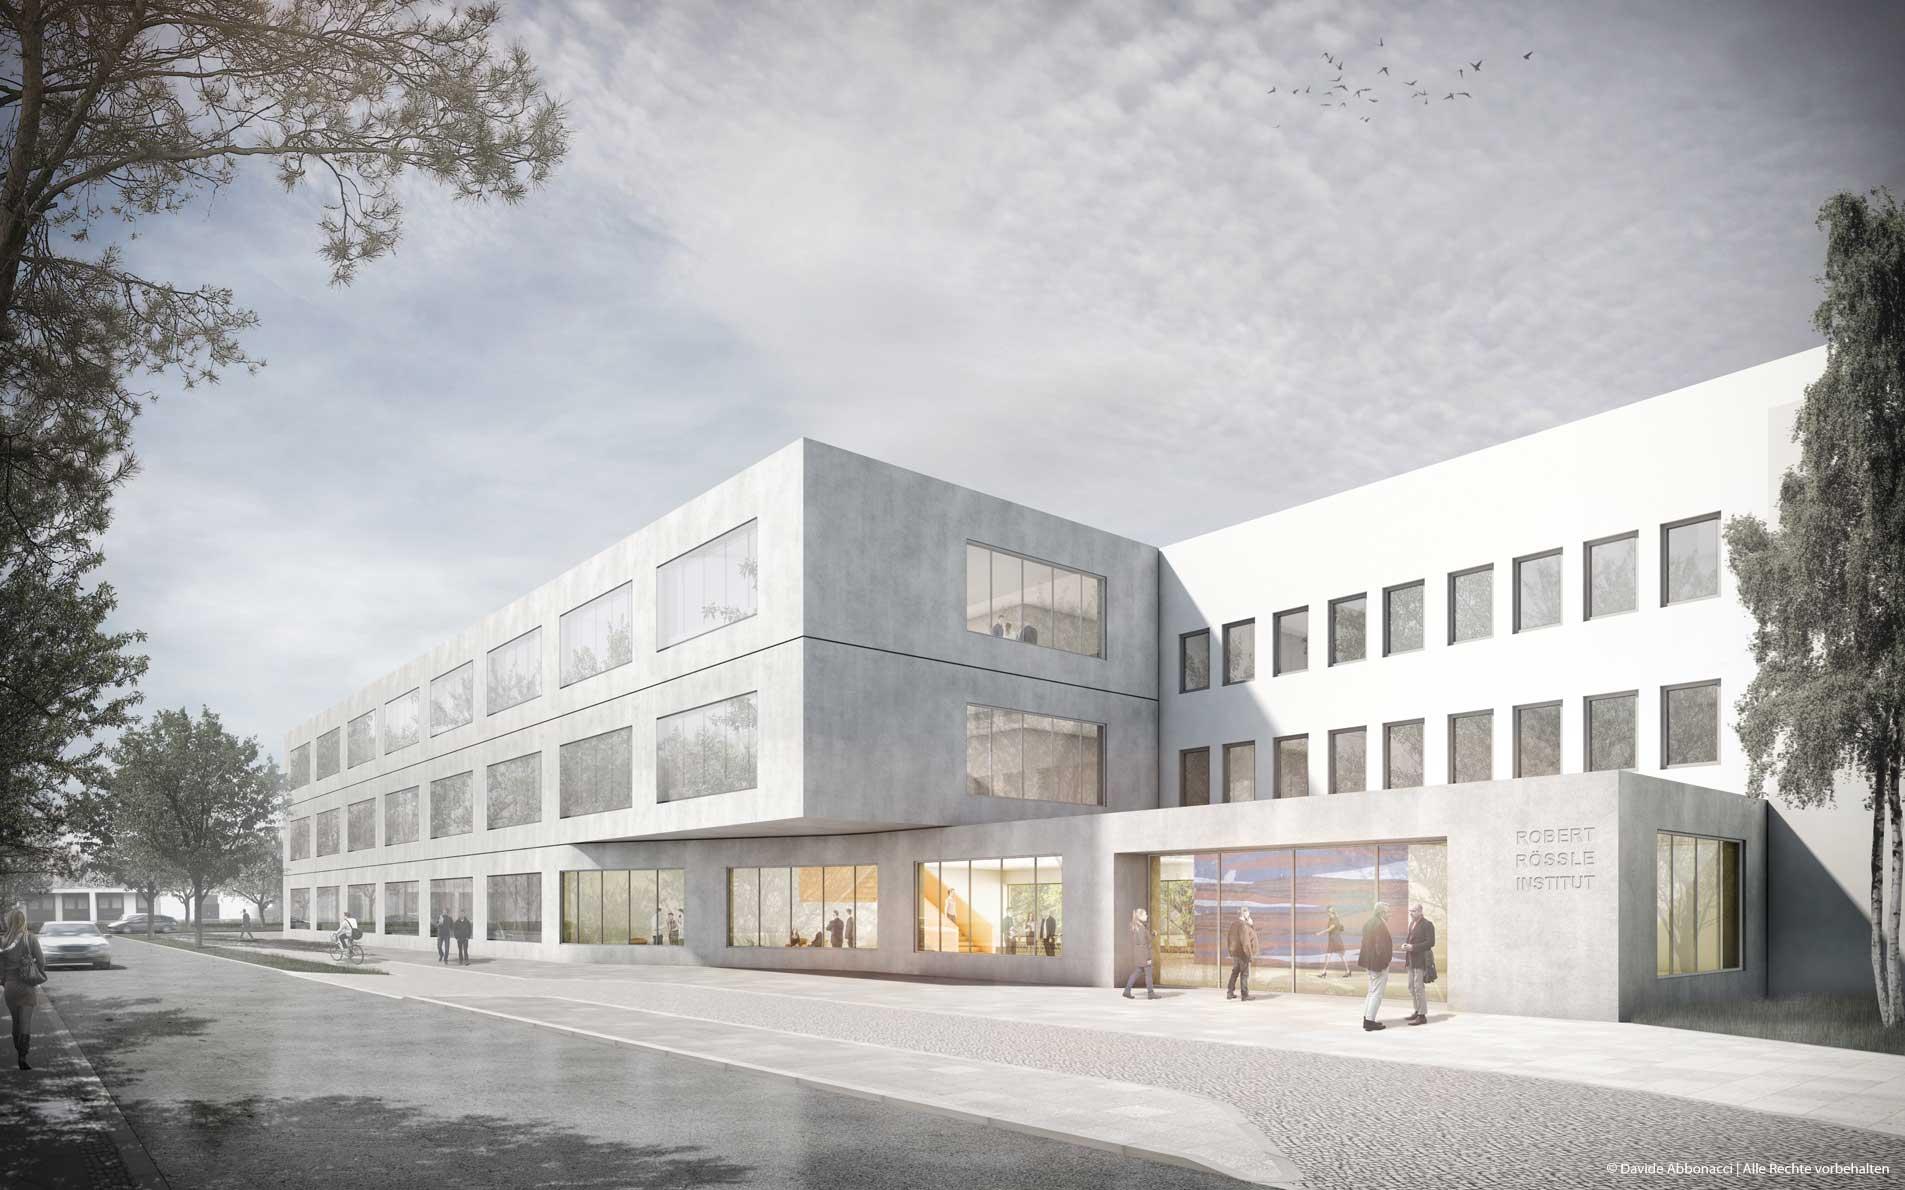 Neubau für Forschungsflächen am Robert-Rössle-Institut (RRI-OLS), Campus Buch, Berlin | Numrich Albrecht Klumpp Architekten  | 2016 Wettbewerbsvisualisierung | Anerkennung